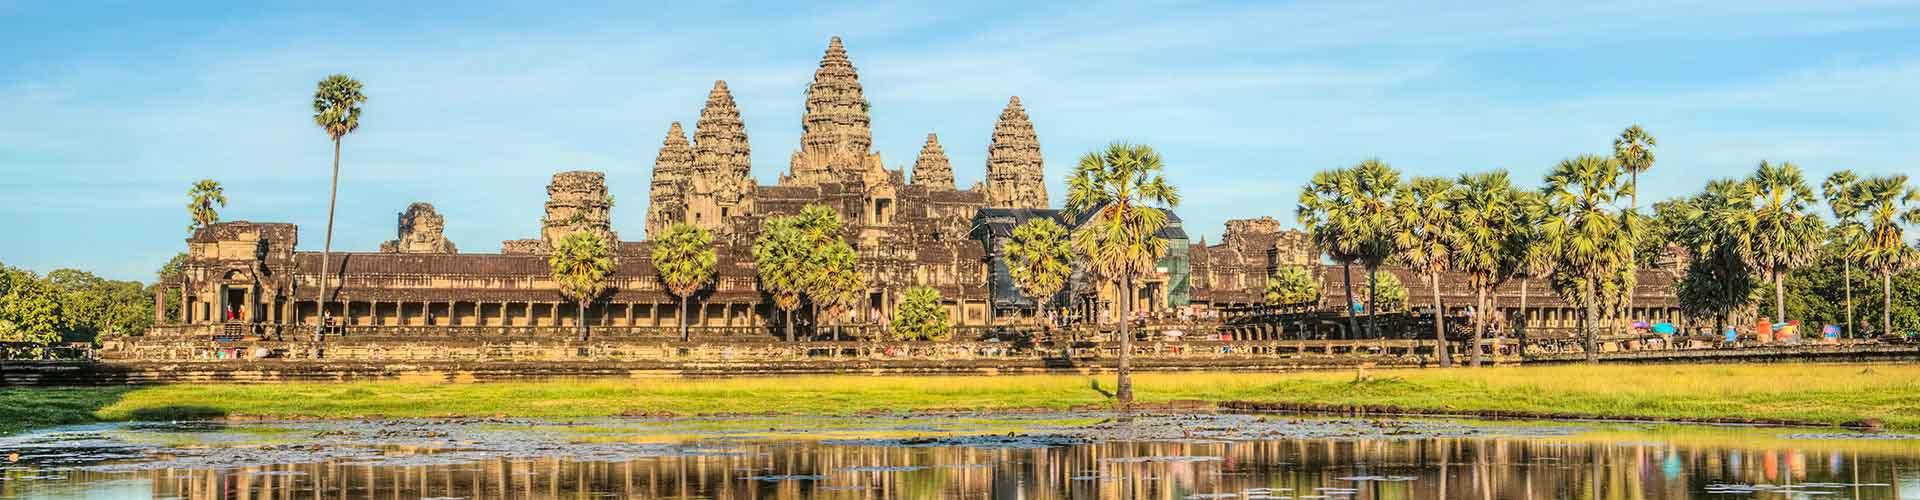 Siem Reap - Hostelů v Siem Reap. Mapy pro Siem Reap, fotky a recenze pro každý hostel v Siem Reap.